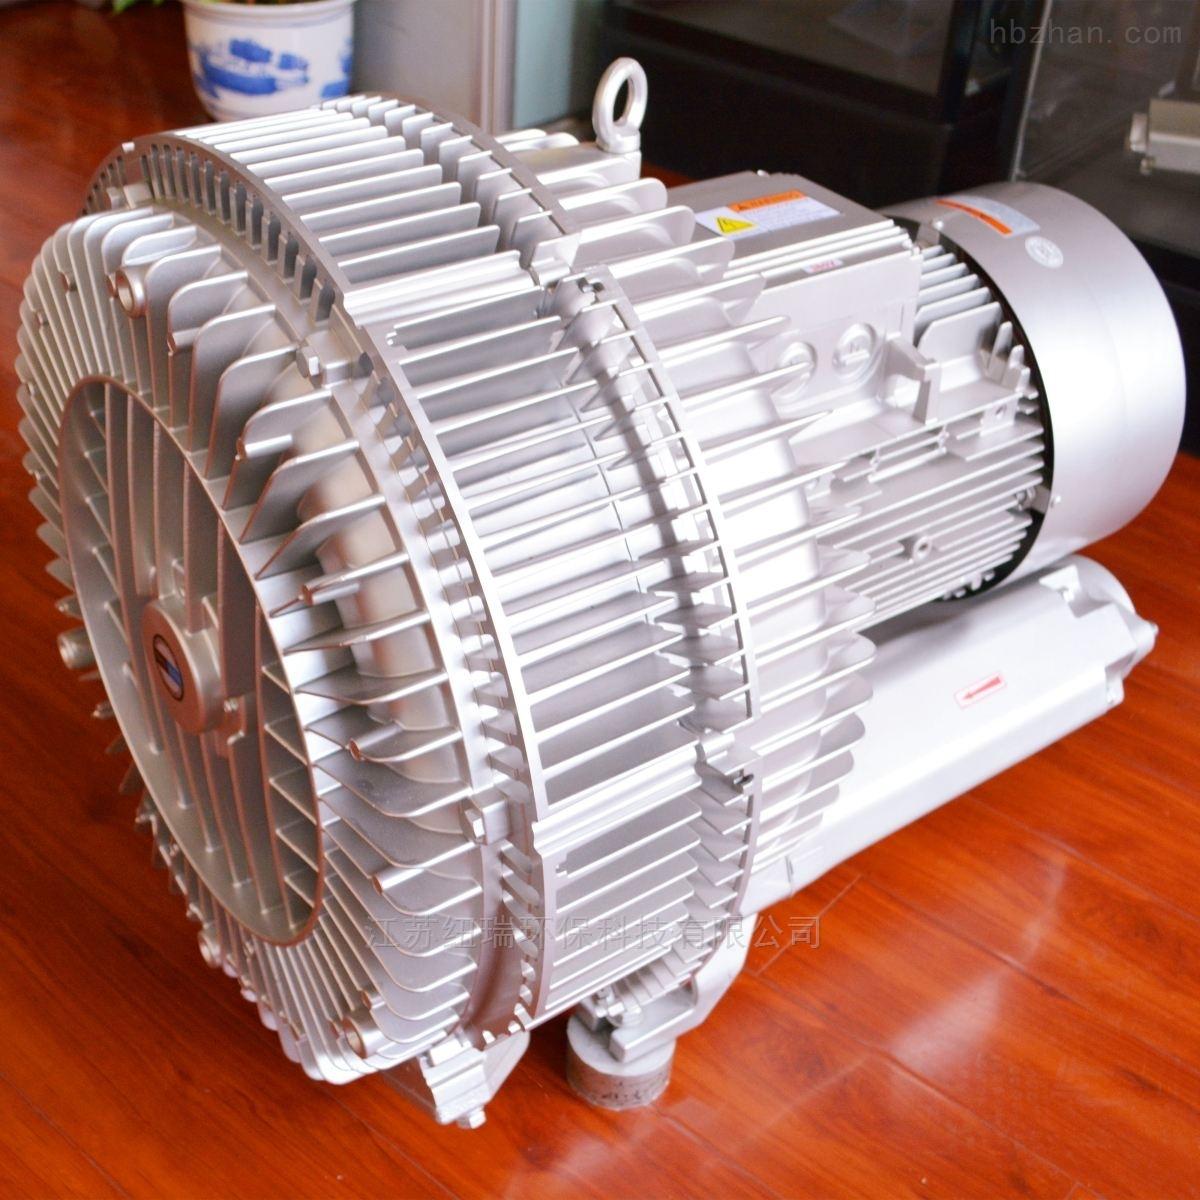 食品加工废水处理设备 双叶轮高压风机